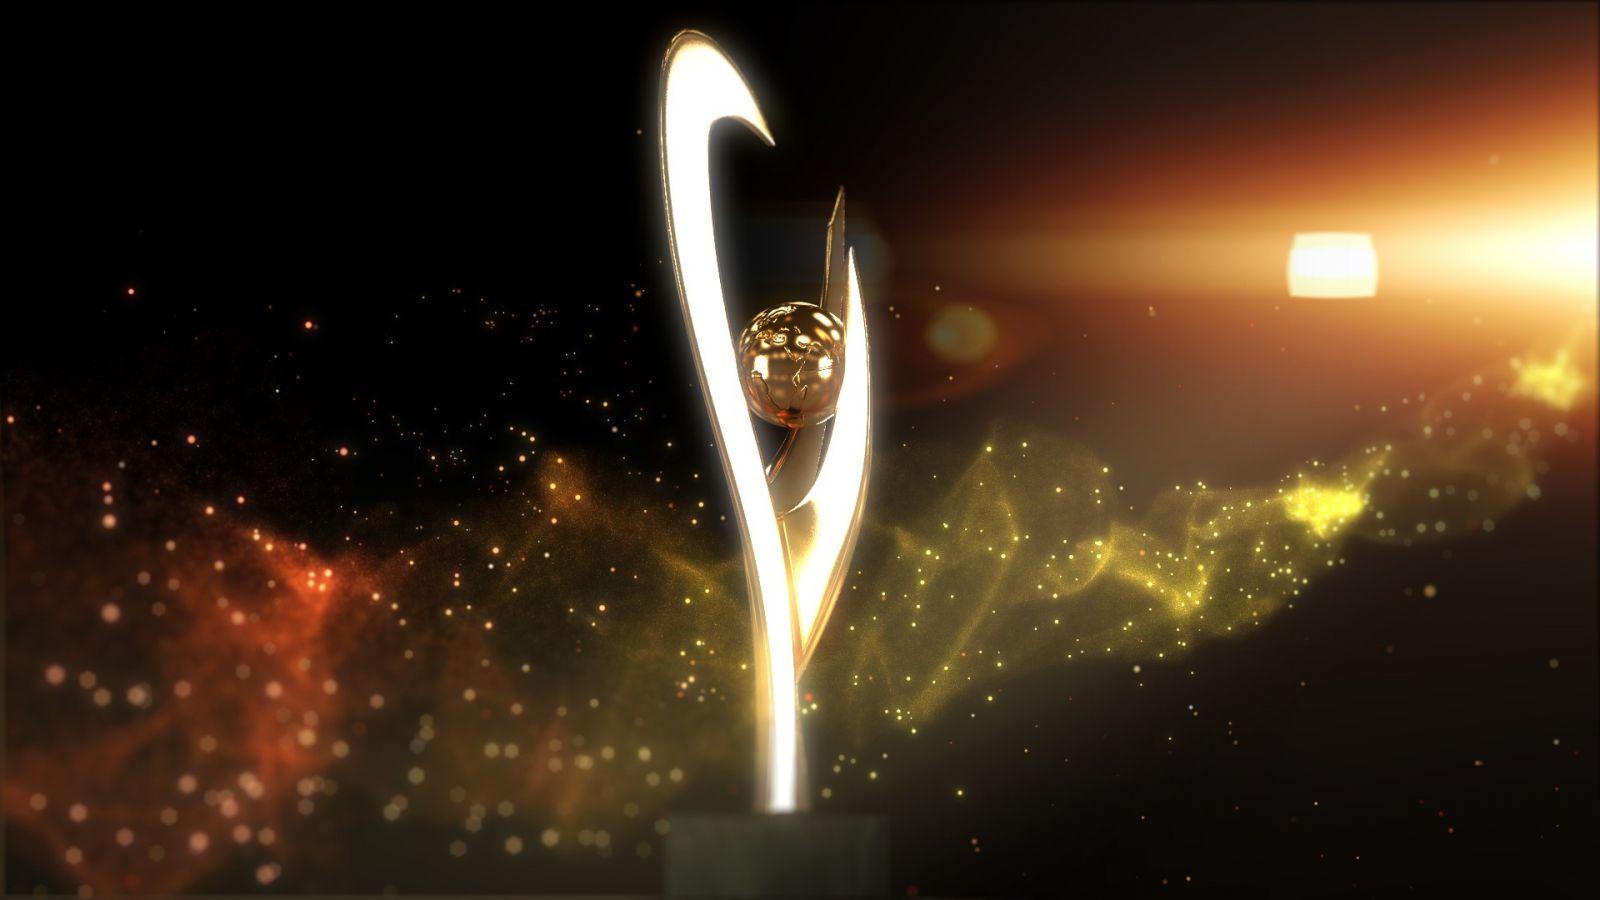 Смотрите 2 декабря в 11:40 на телеканале Матч ТВ телевизионную версию XII Торжественной церемонии награждения премией ПКР «Возвращение в жизнь»